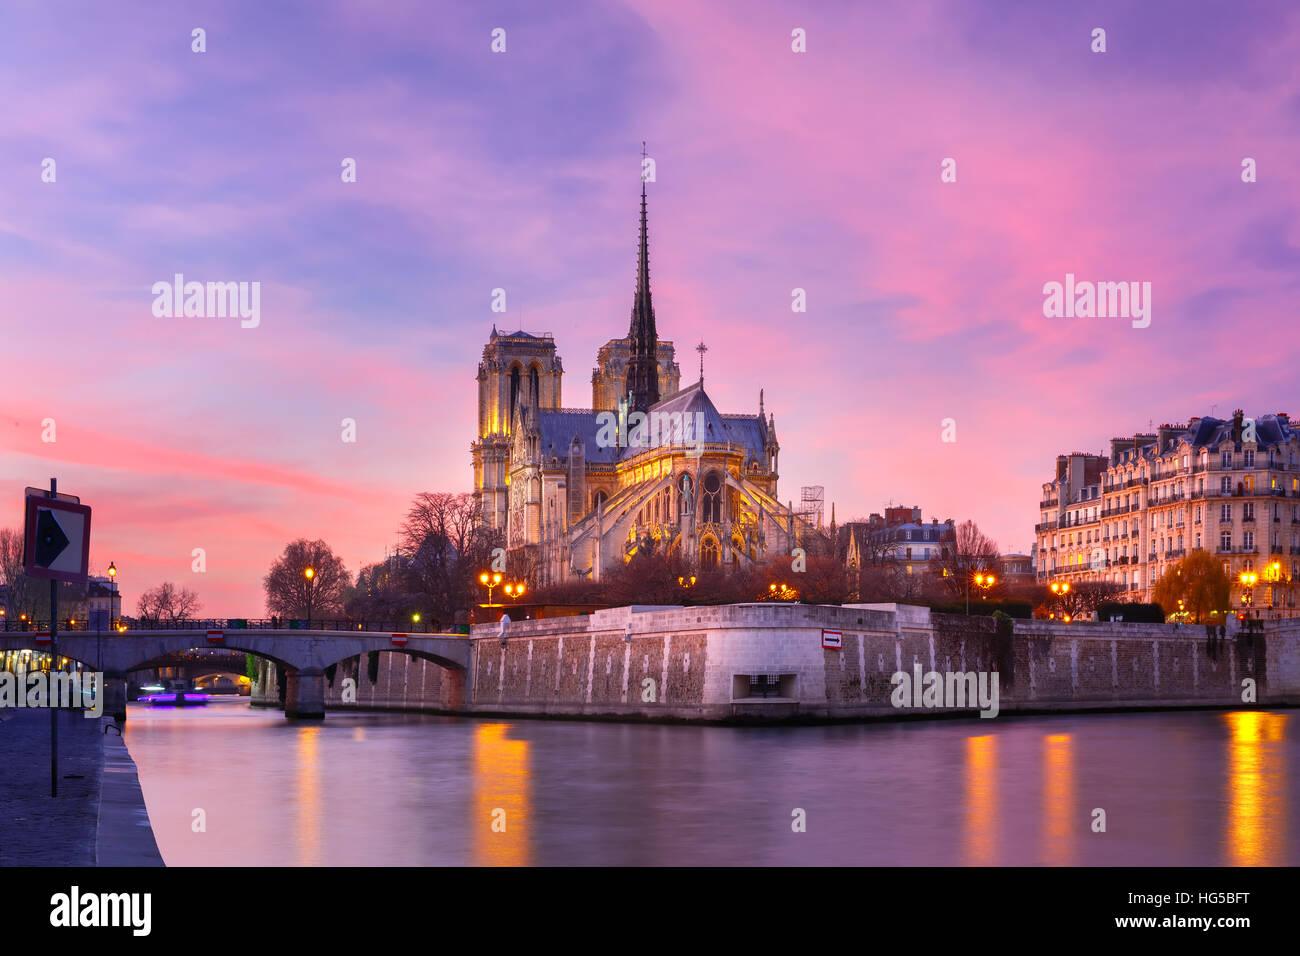 Kathedrale von Notre Dame de Paris bei Sonnenuntergang, Frankreich Stockfoto